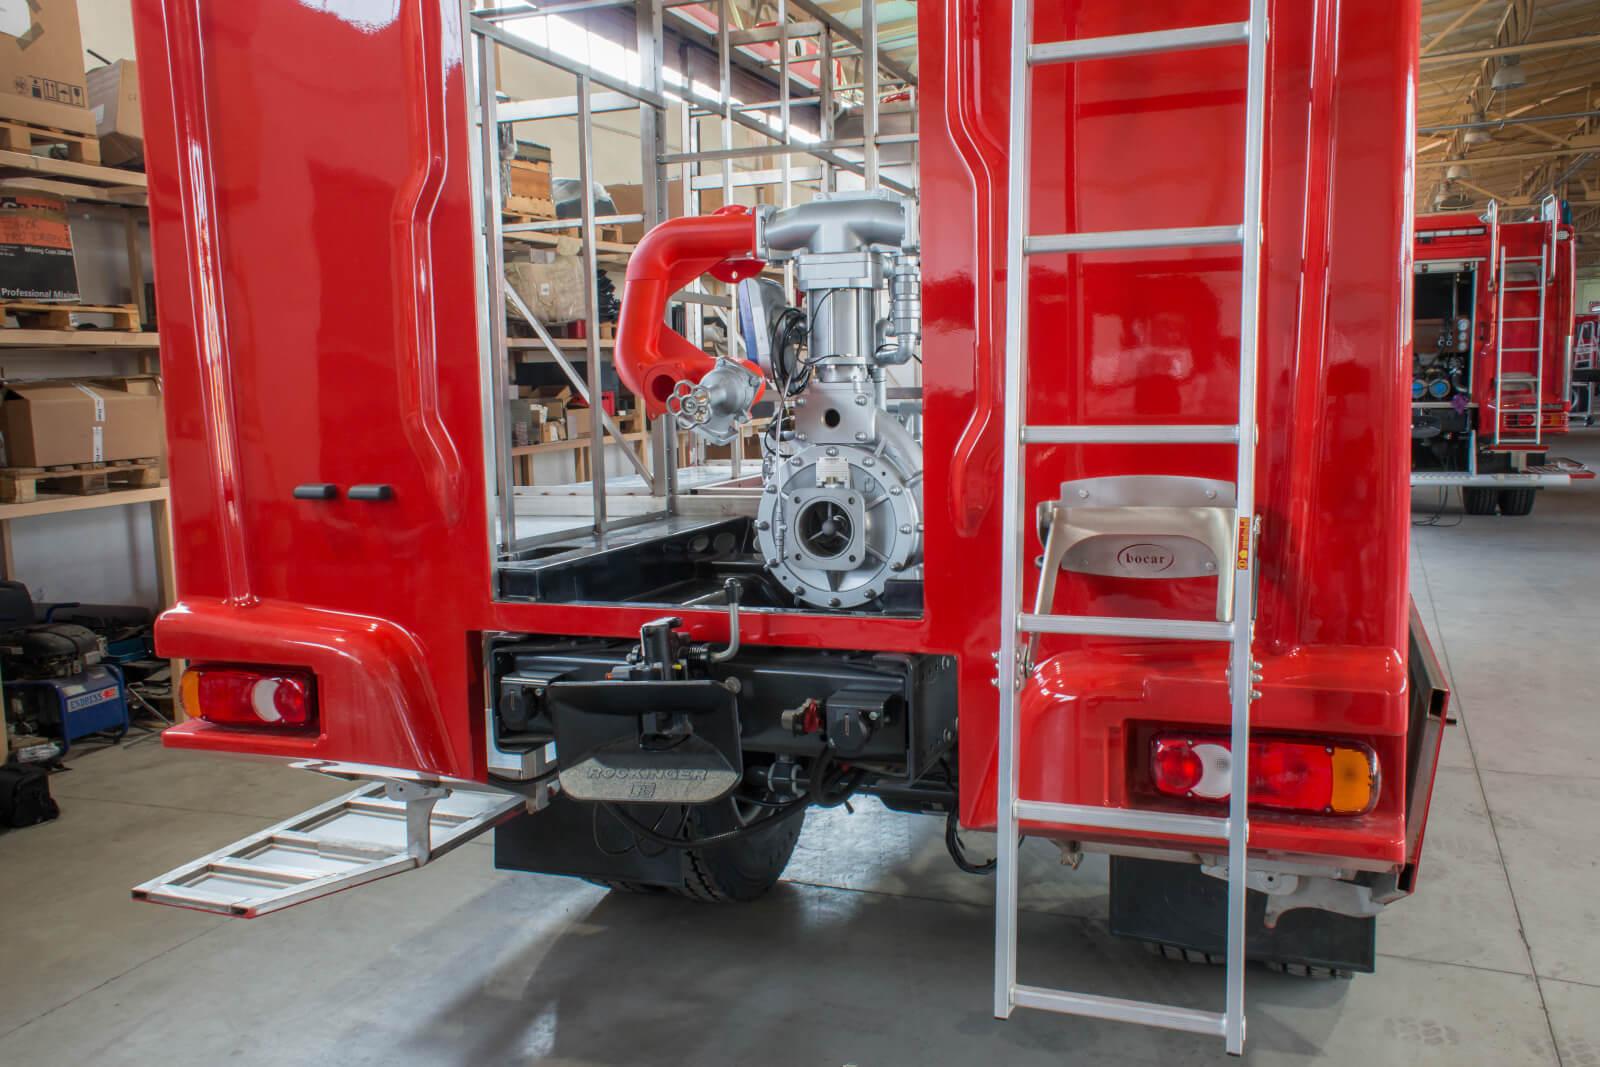 Prototypowy kolektor wsilniku - wydrukowany przez 3DGence